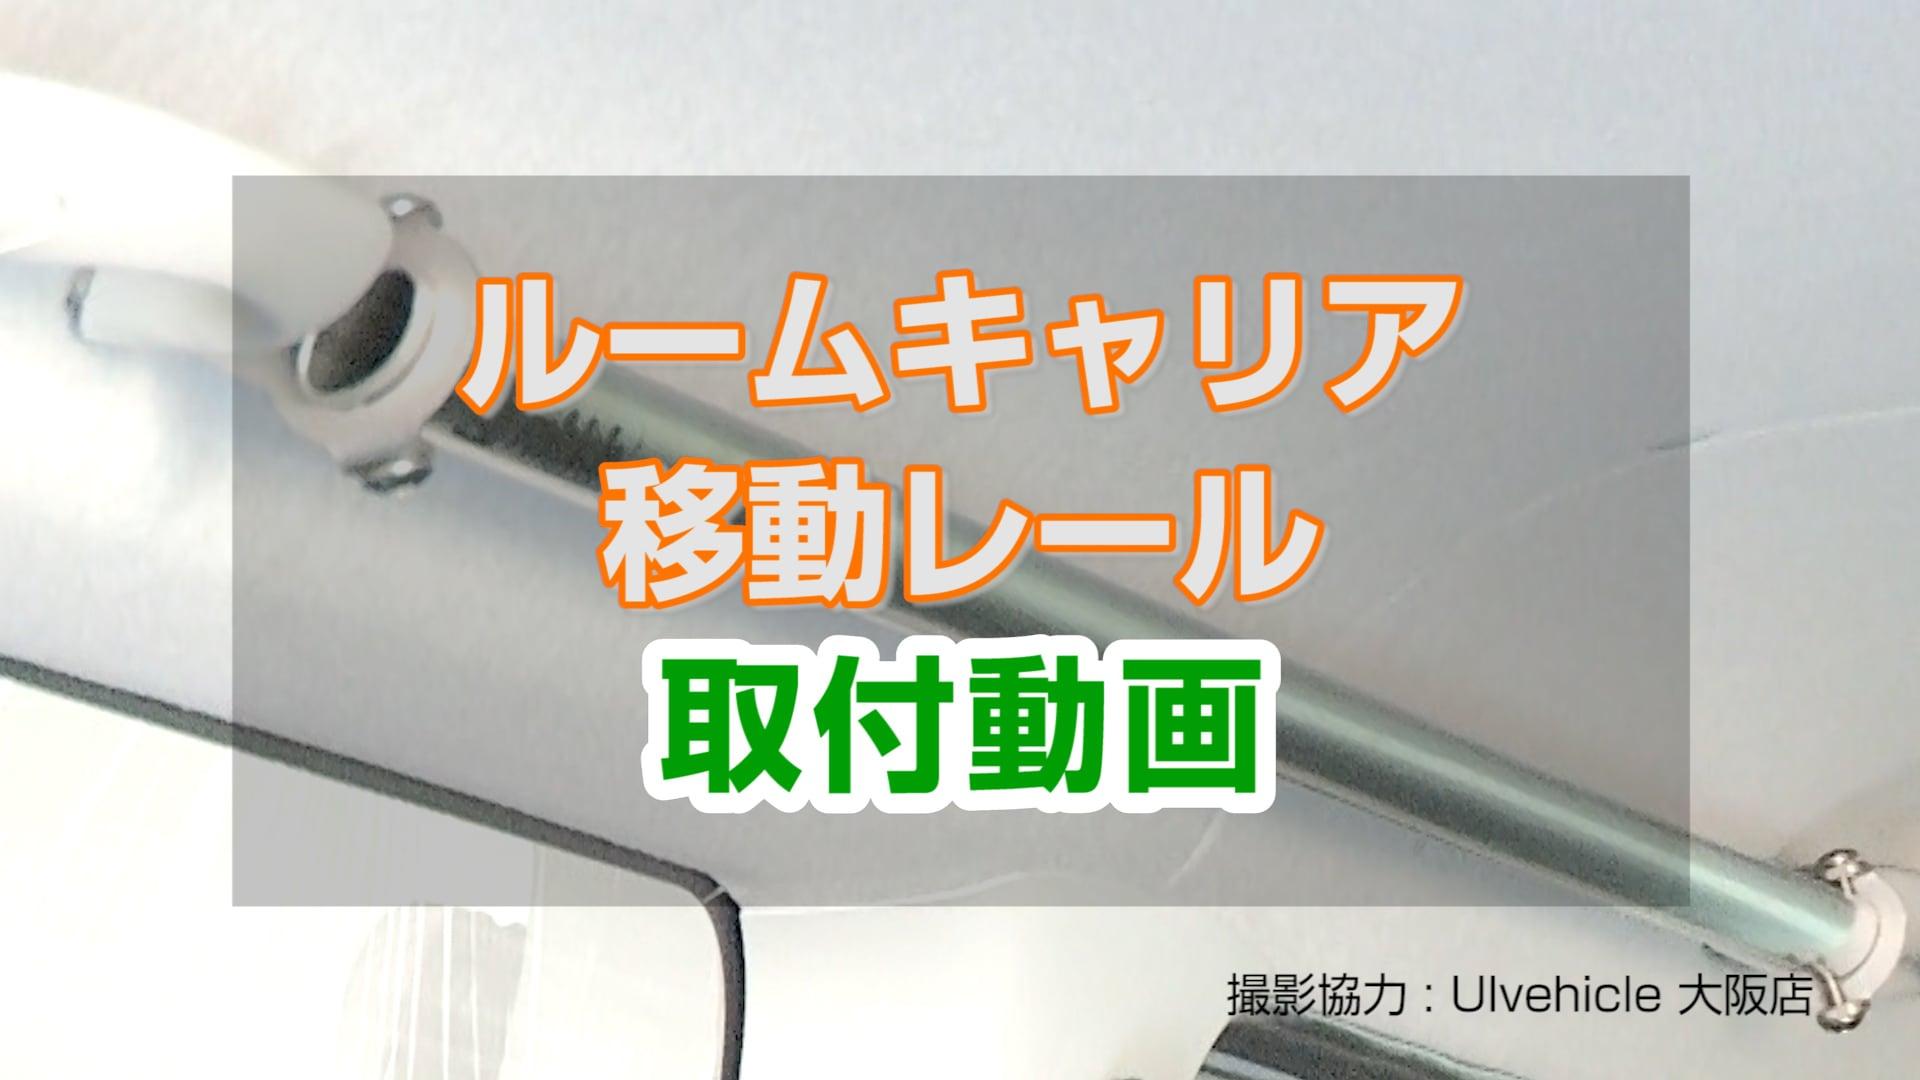 ハイエース200系 ルームキャリア移動レール取り付け動画